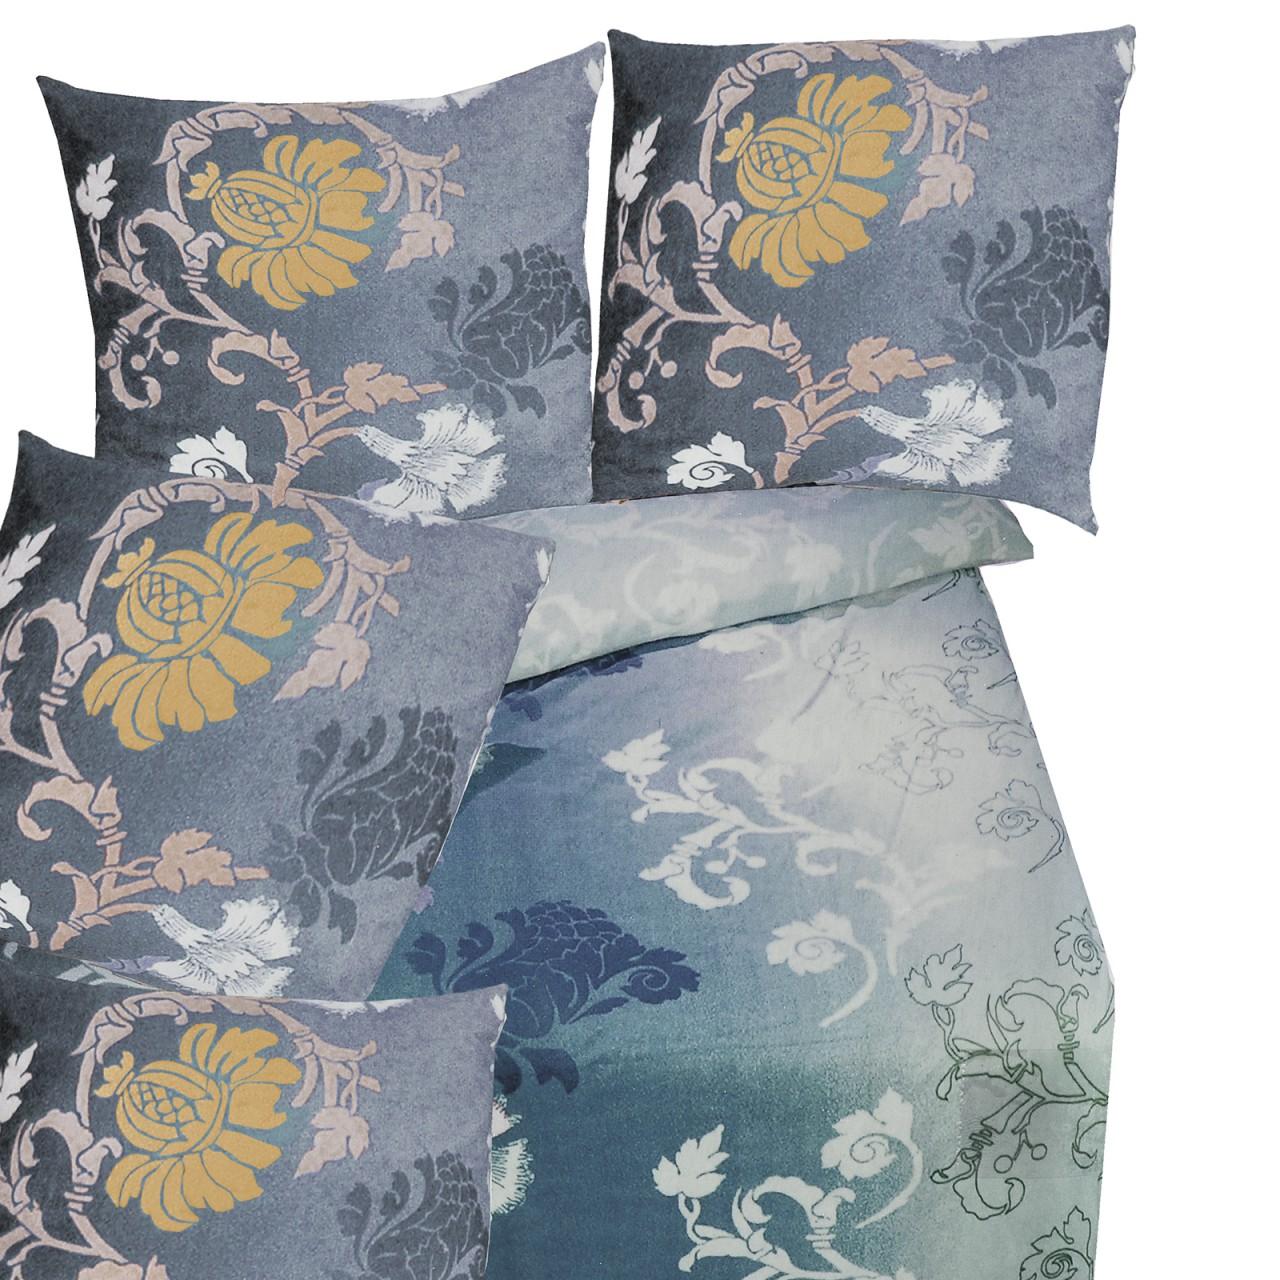 edle microfaser fleece bettw sche set 2 tlg in vielen farben und designs. Black Bedroom Furniture Sets. Home Design Ideas